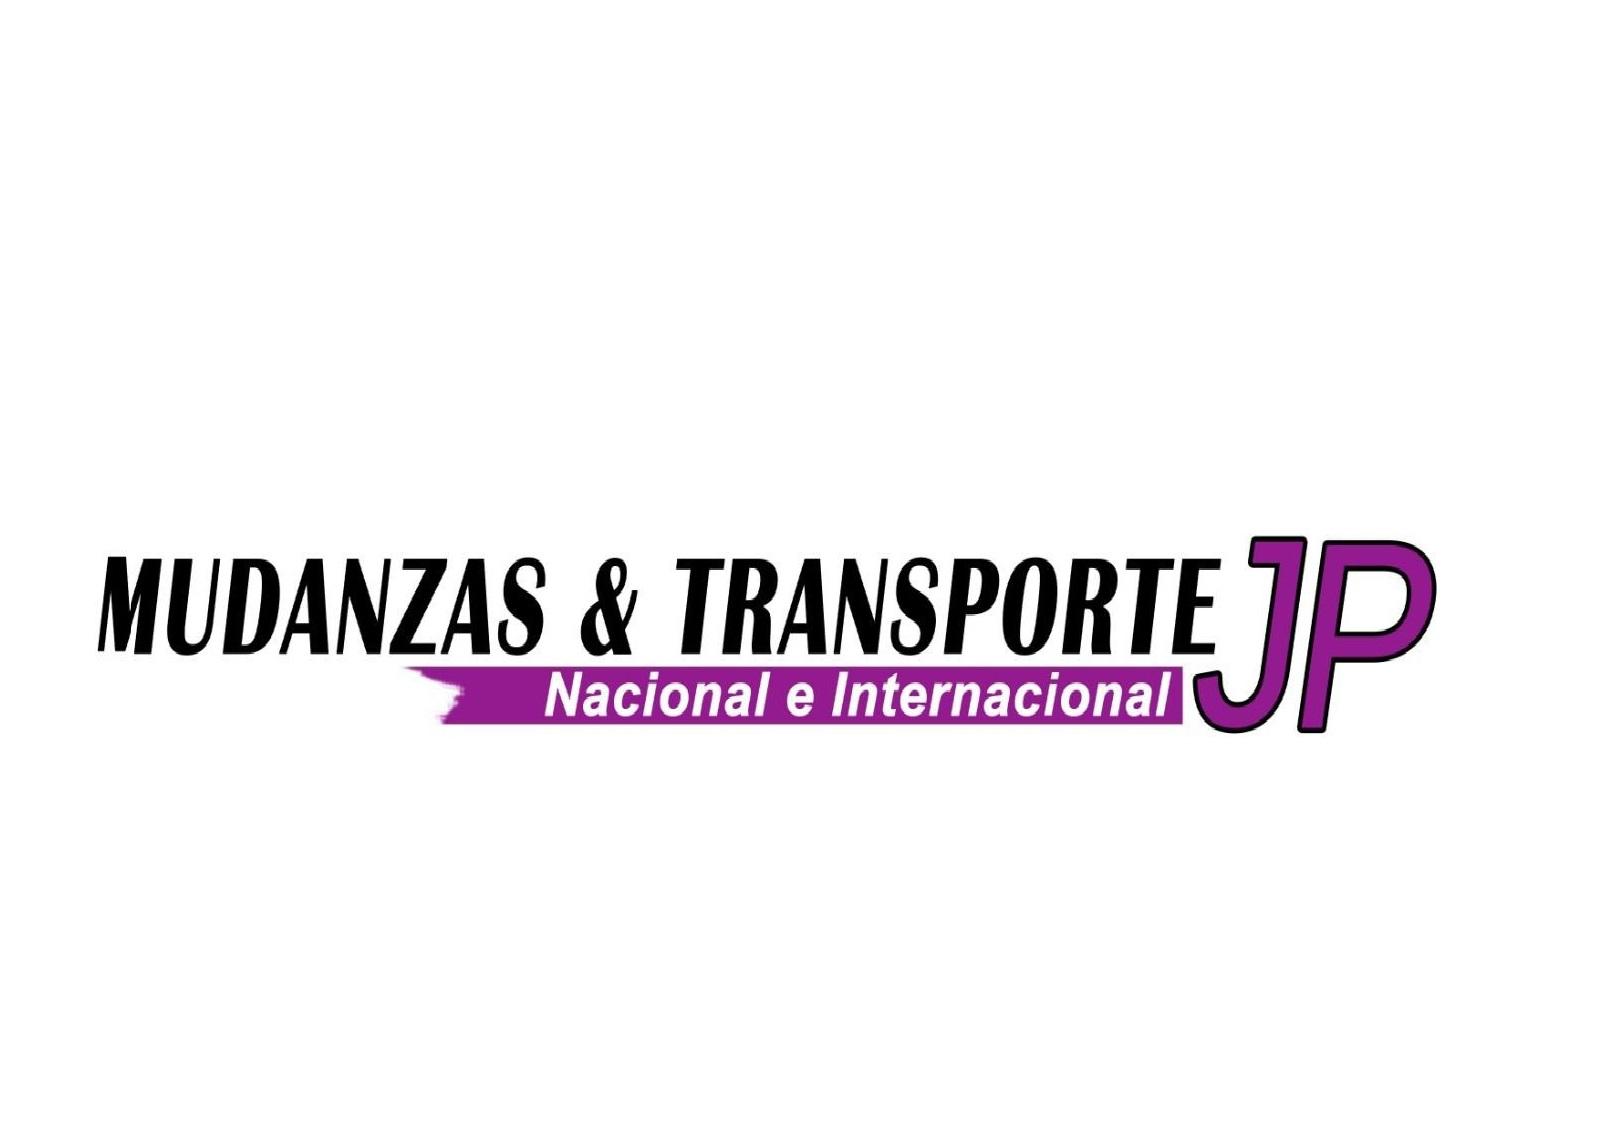 Mudanzas y Transporte JP